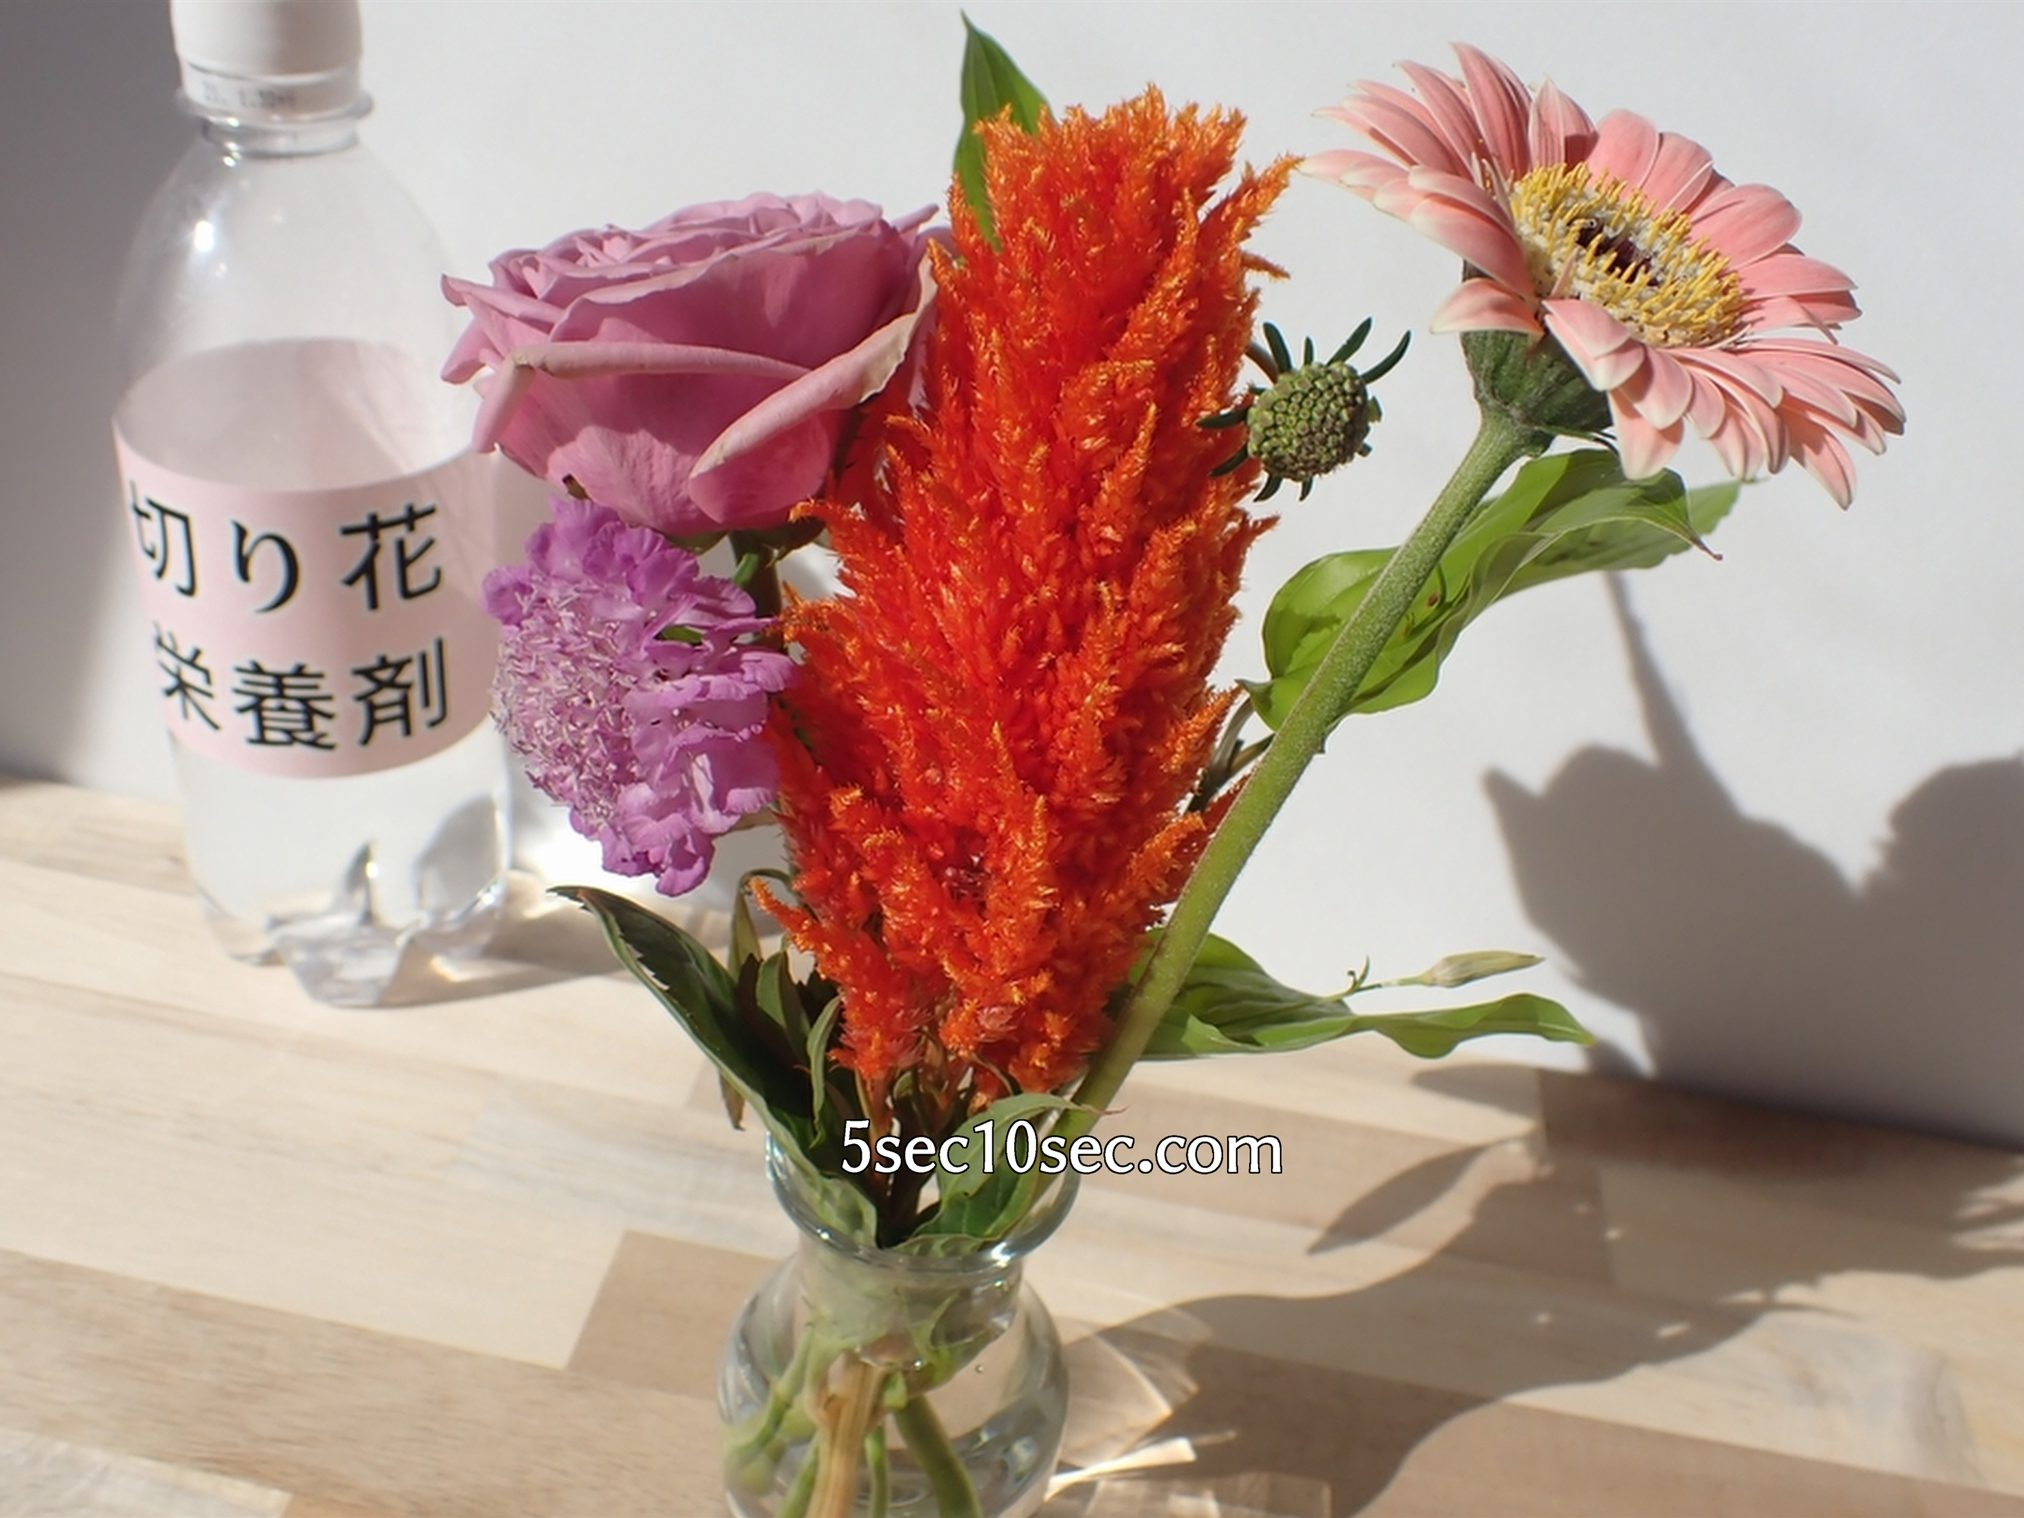 株式会社Crunch Style お花の定期便 Bloomee LIFE ブルーミーライフ レギュラープラン 6日目、自分で用意した市販の切り花栄養剤・延命剤を使って水換えをしています